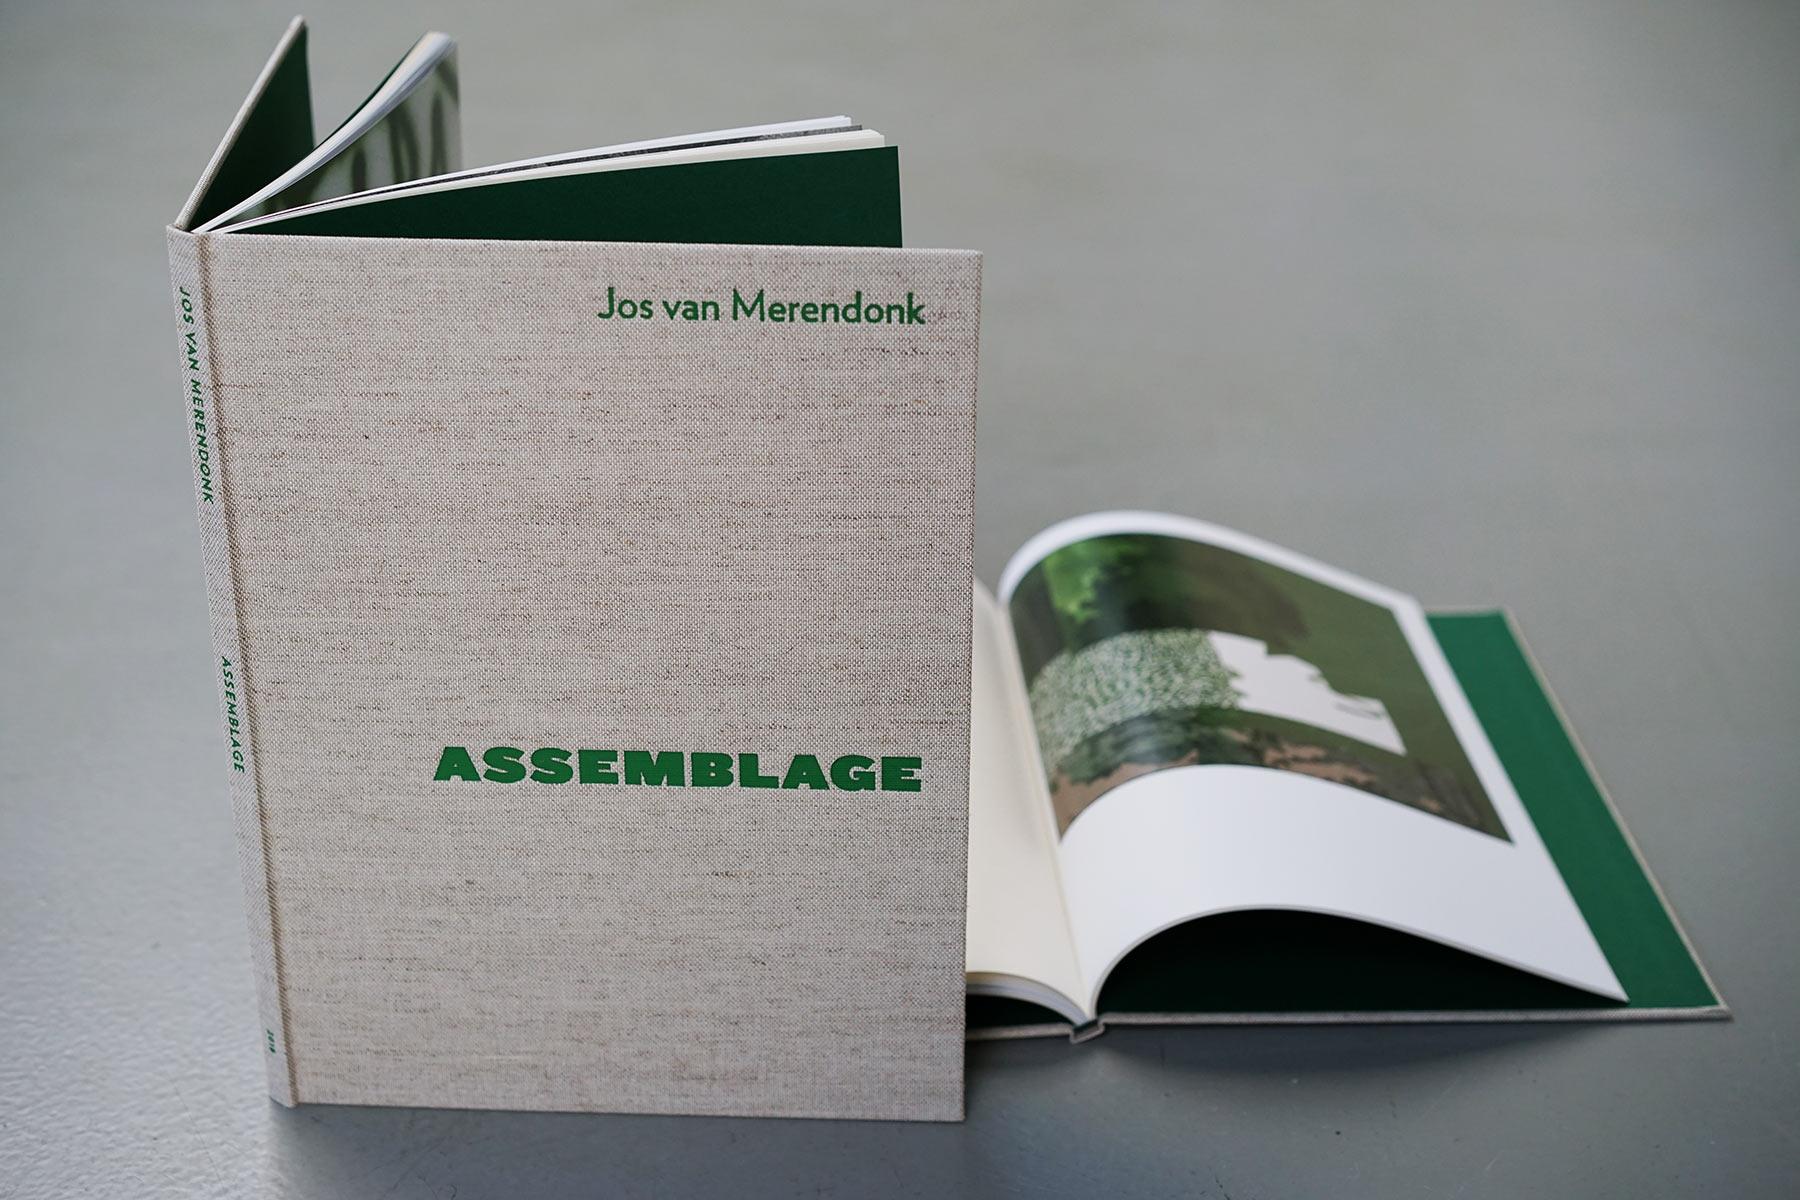 Assemblage boek Jos van Merendonk